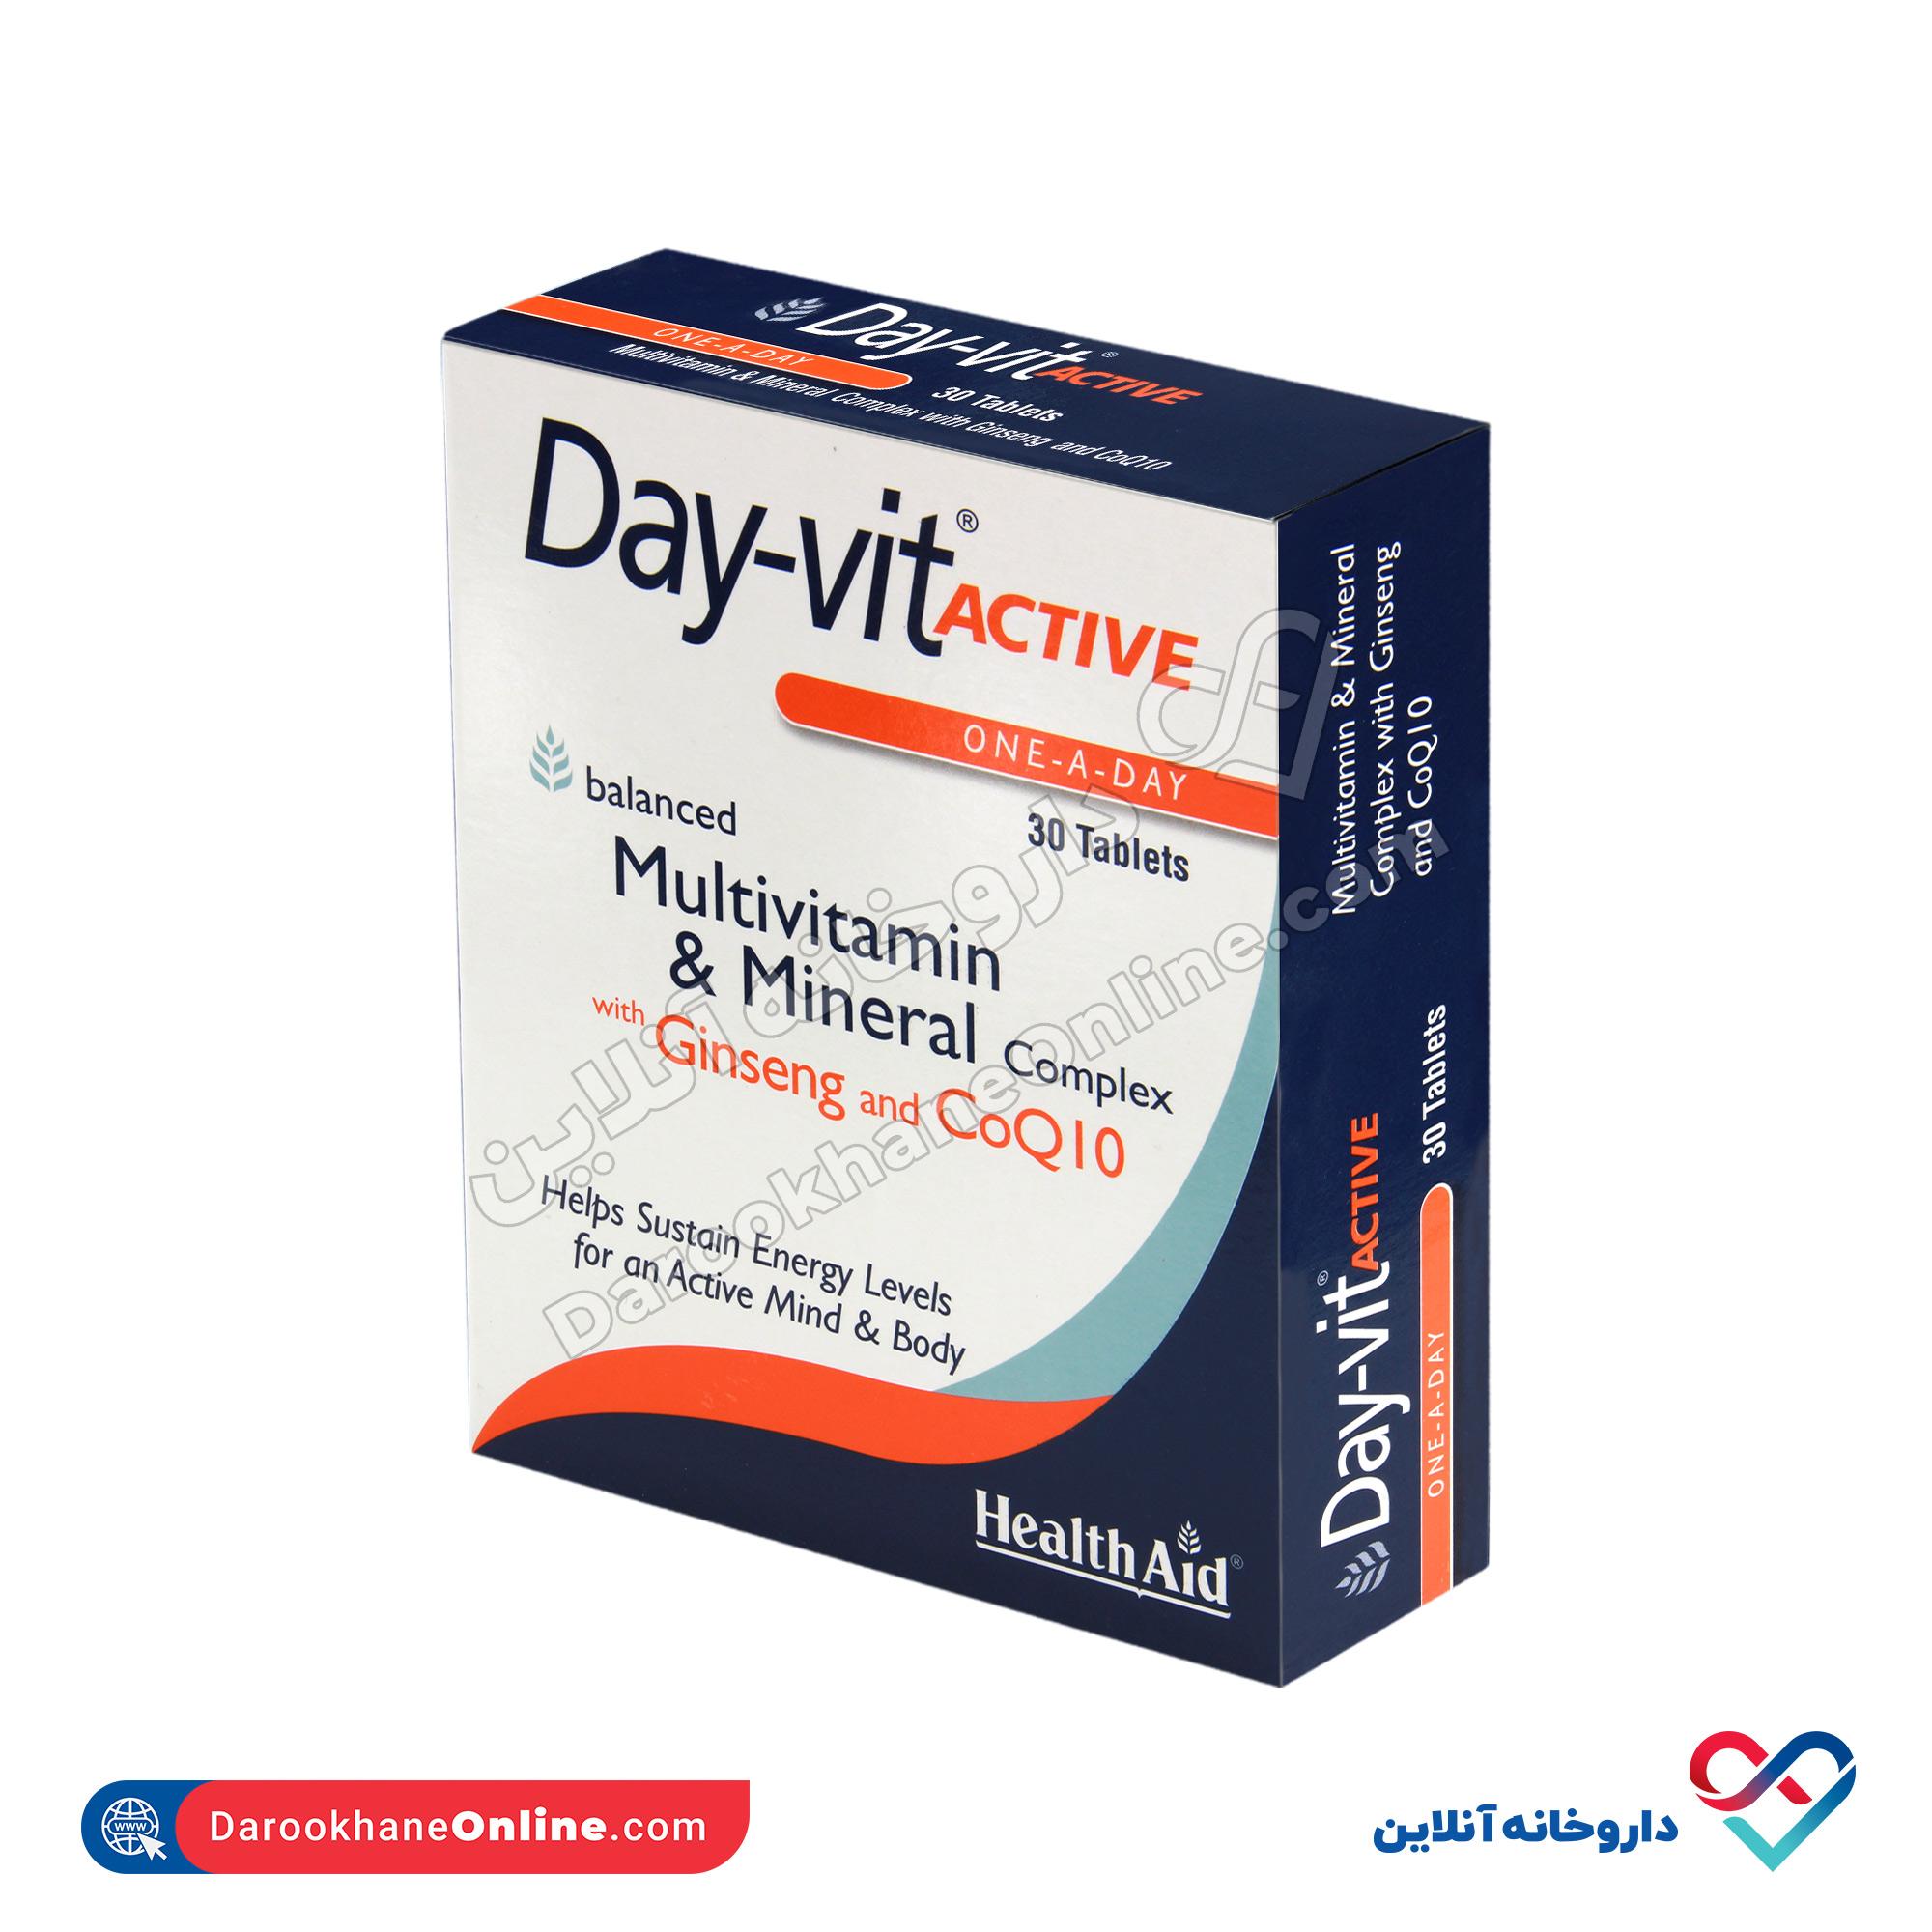 قرص دی ویت اکتیو هلث اید | 30 عدد | مولتی ویتامین کامل و تامین کننده نیازهای بدن